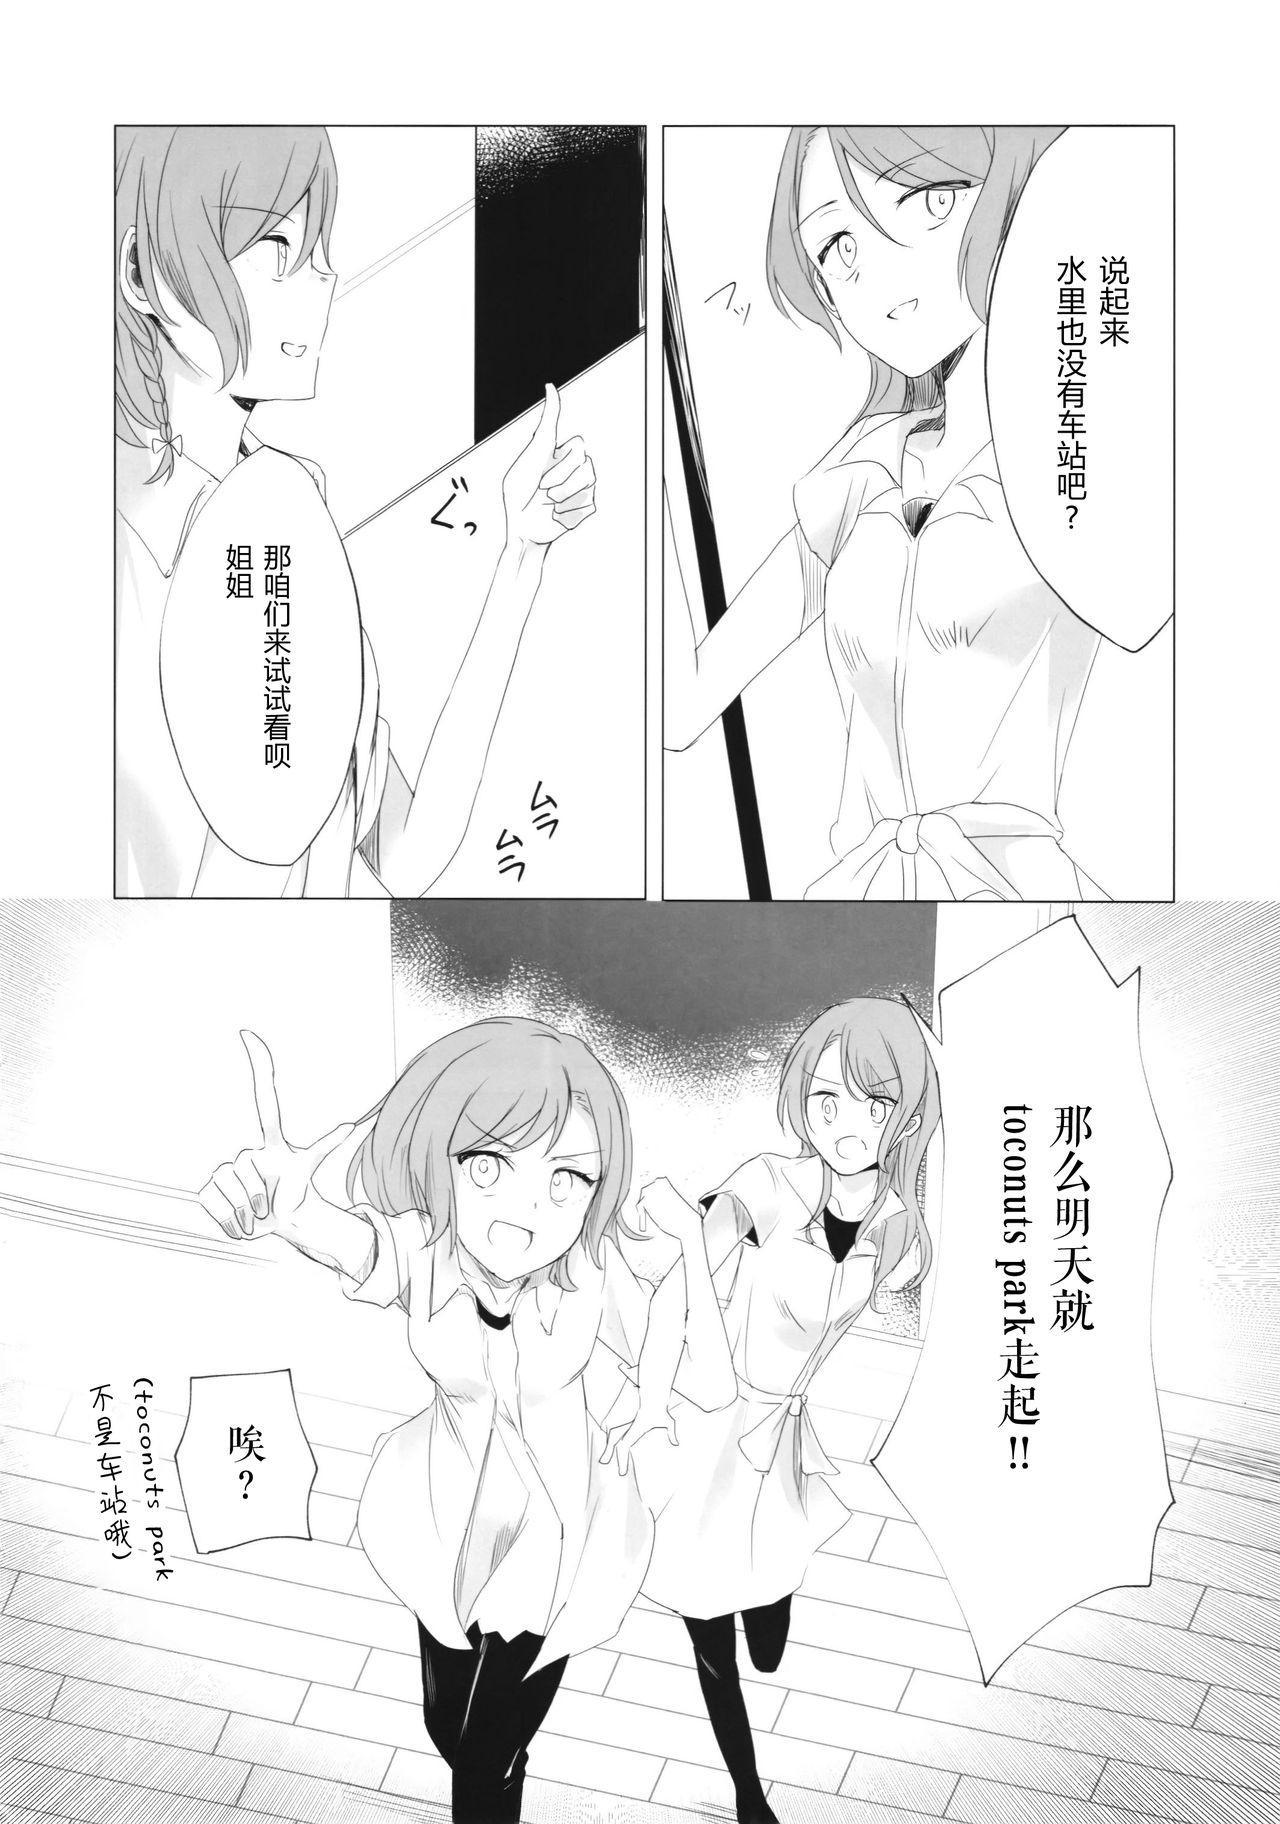 氷川姉妹18禁合同「今日は一緒に寝てもいい?」 41